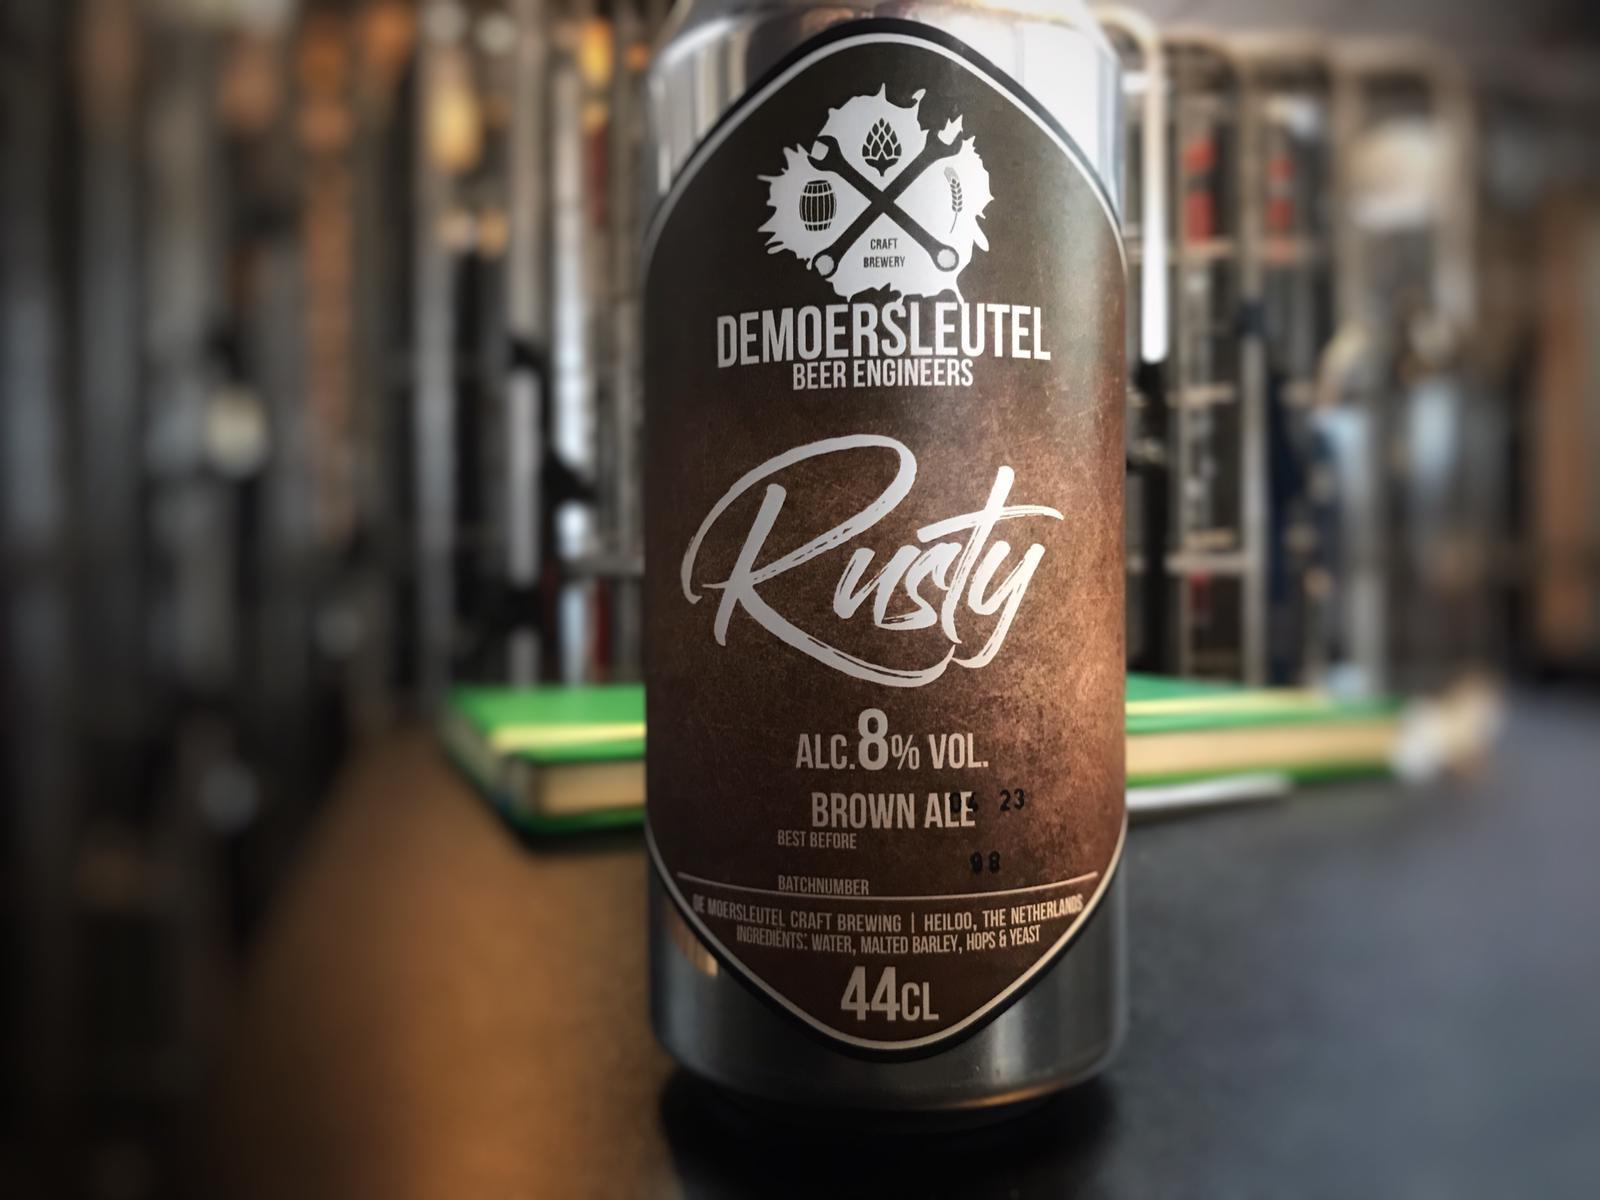 Rusty van Brouwerij De Moersleutel